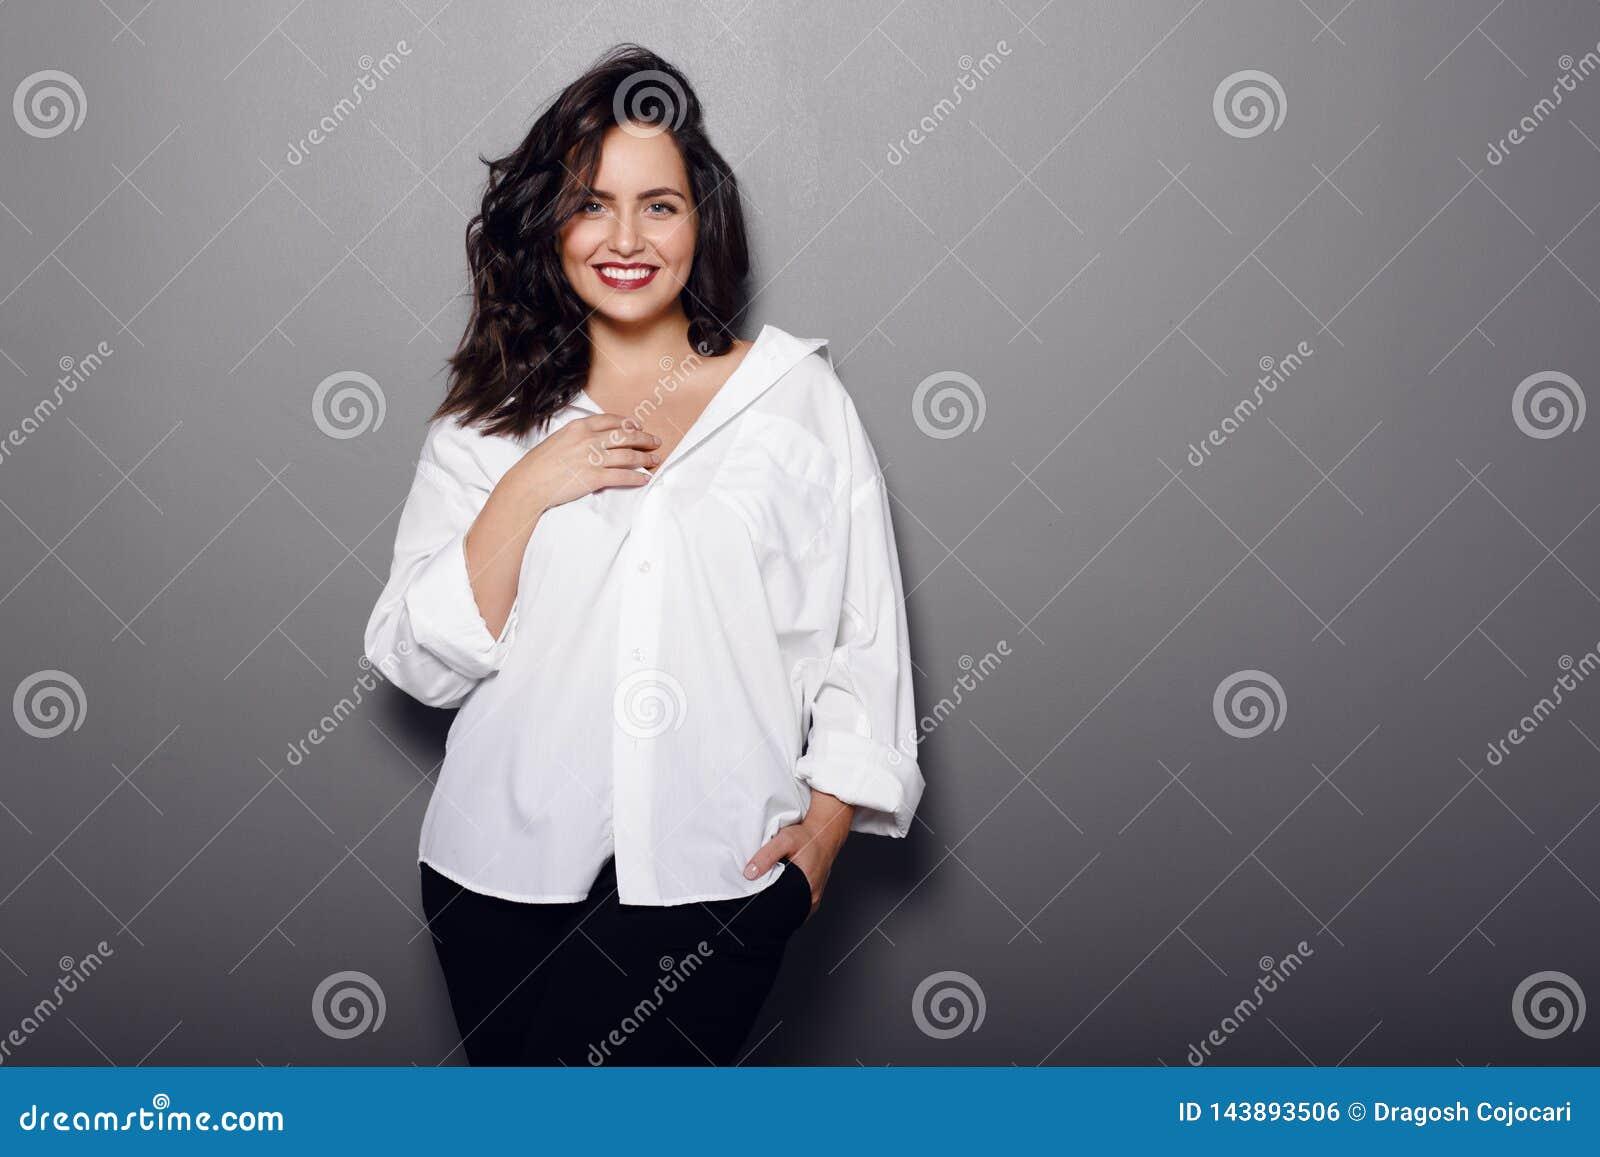 Портрет красоты жизнерадостной женщины брюнета, носит в белой рубашке и черных брюках, изолированных на серой предпосылке